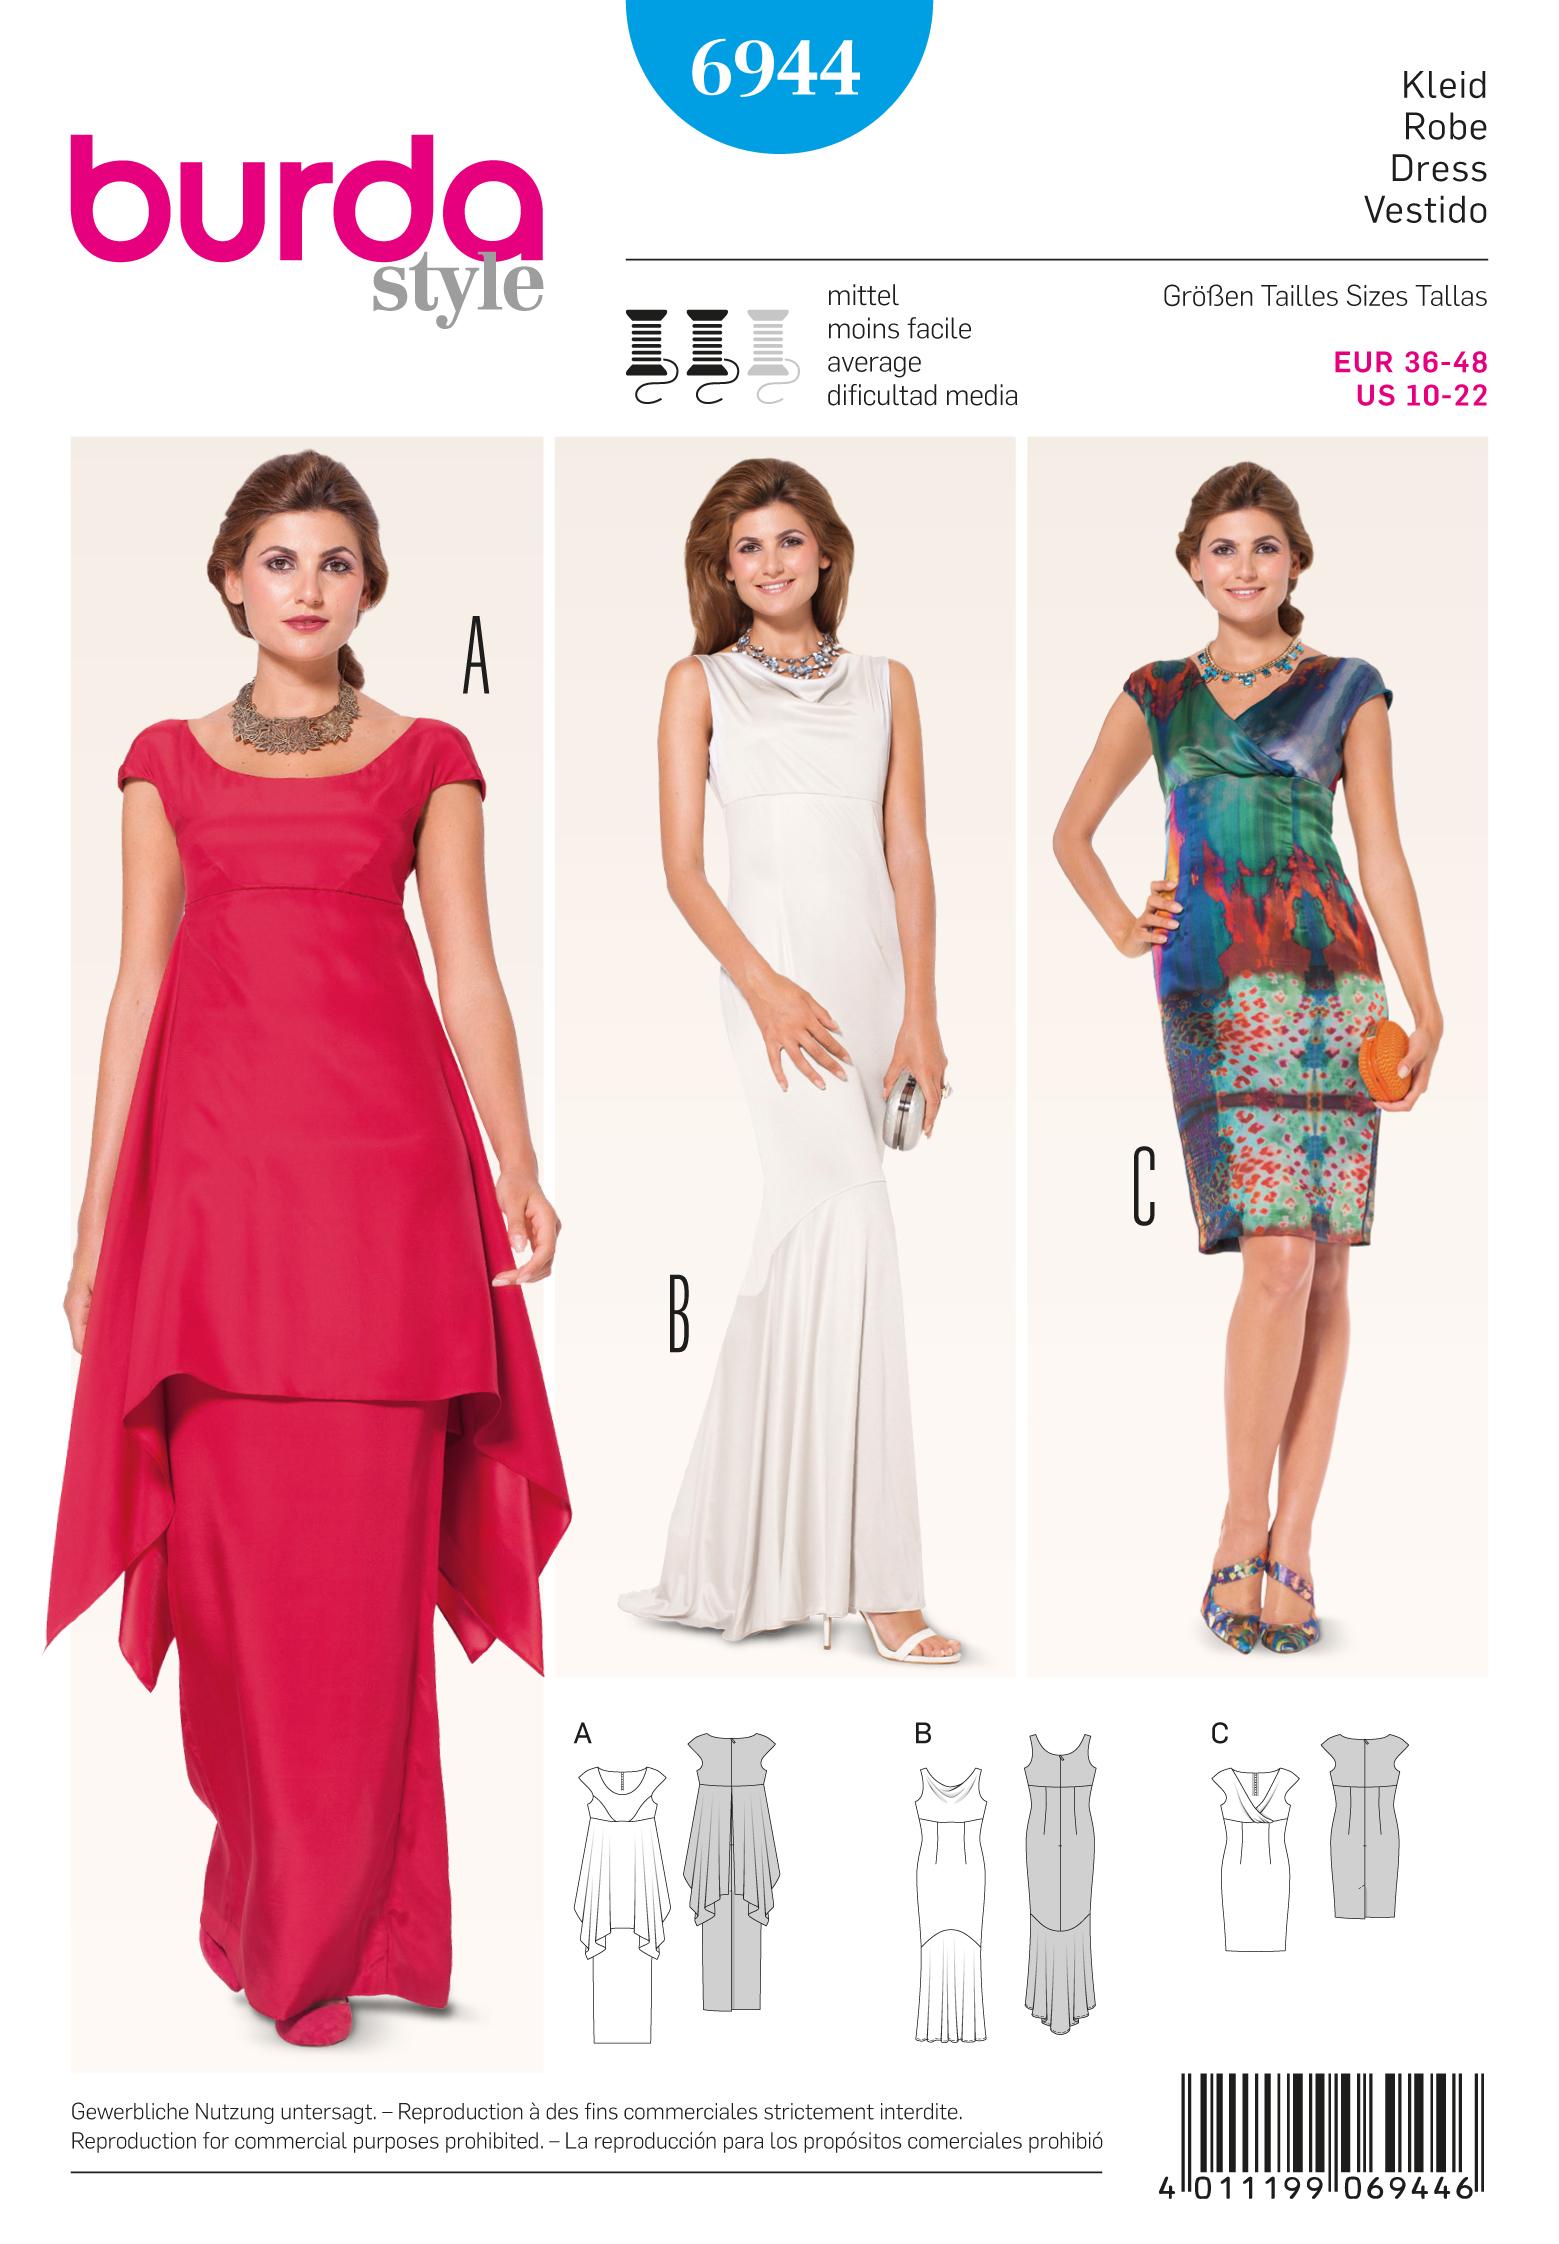 Burda Evening & Bridal Wear 6944